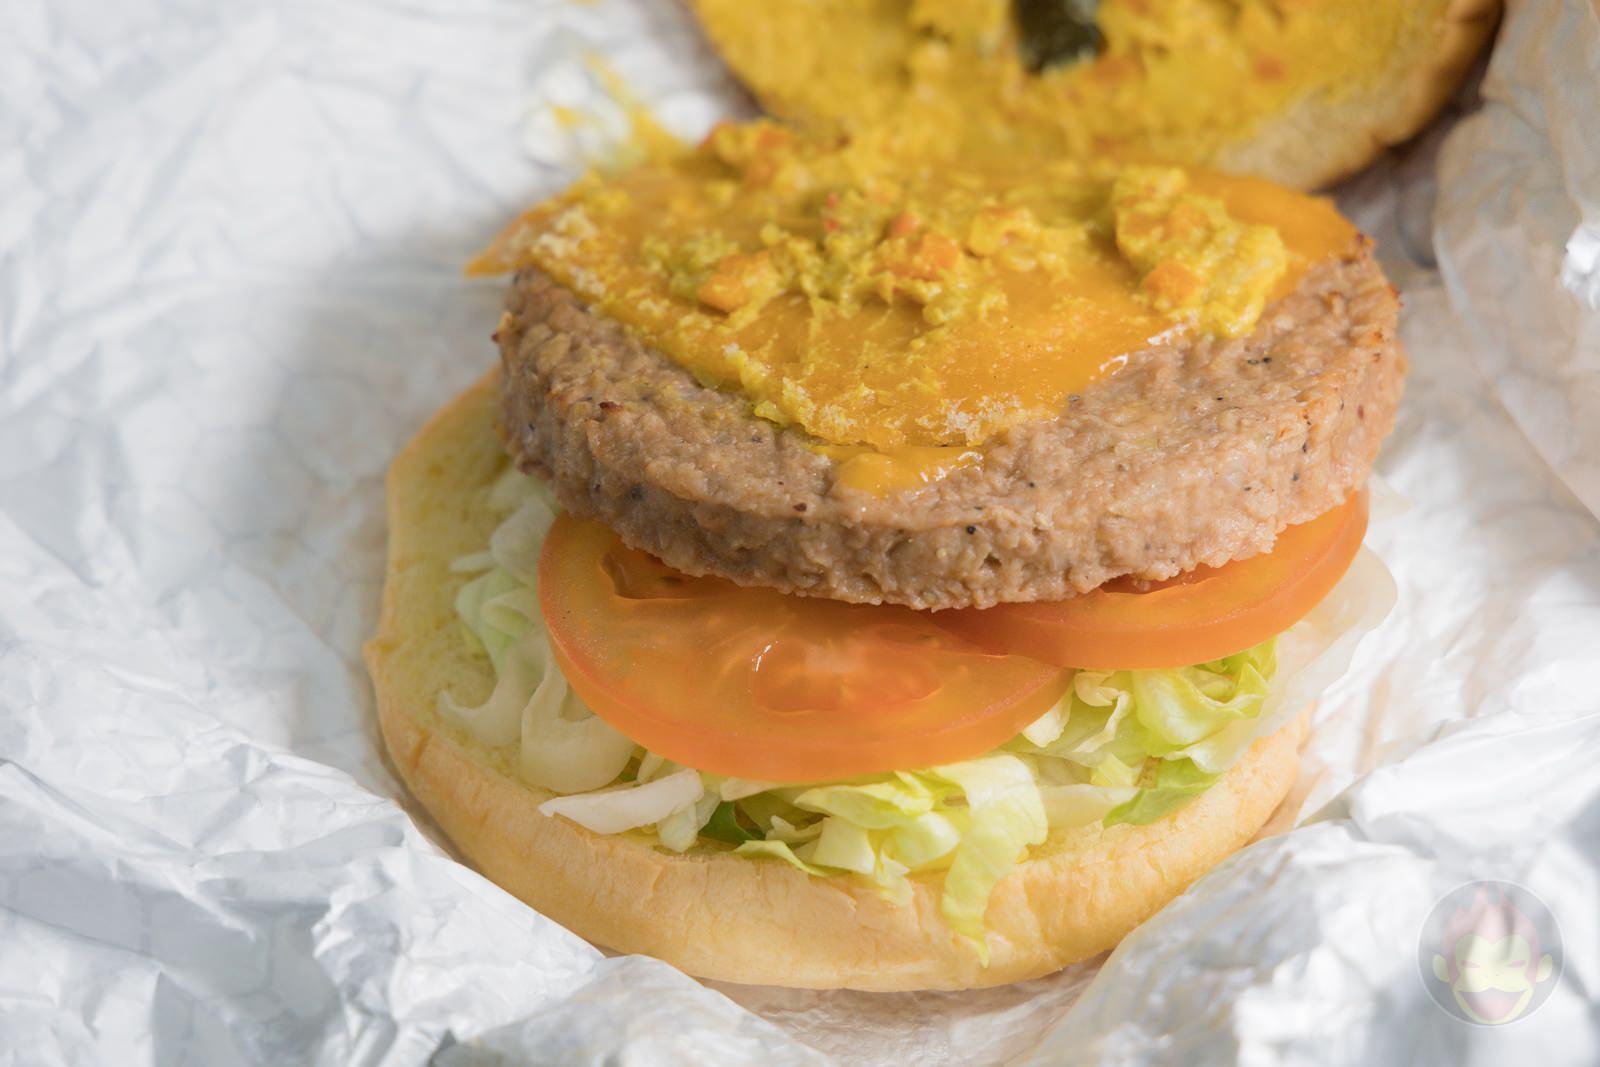 Costco Garden Burger no meat used 06